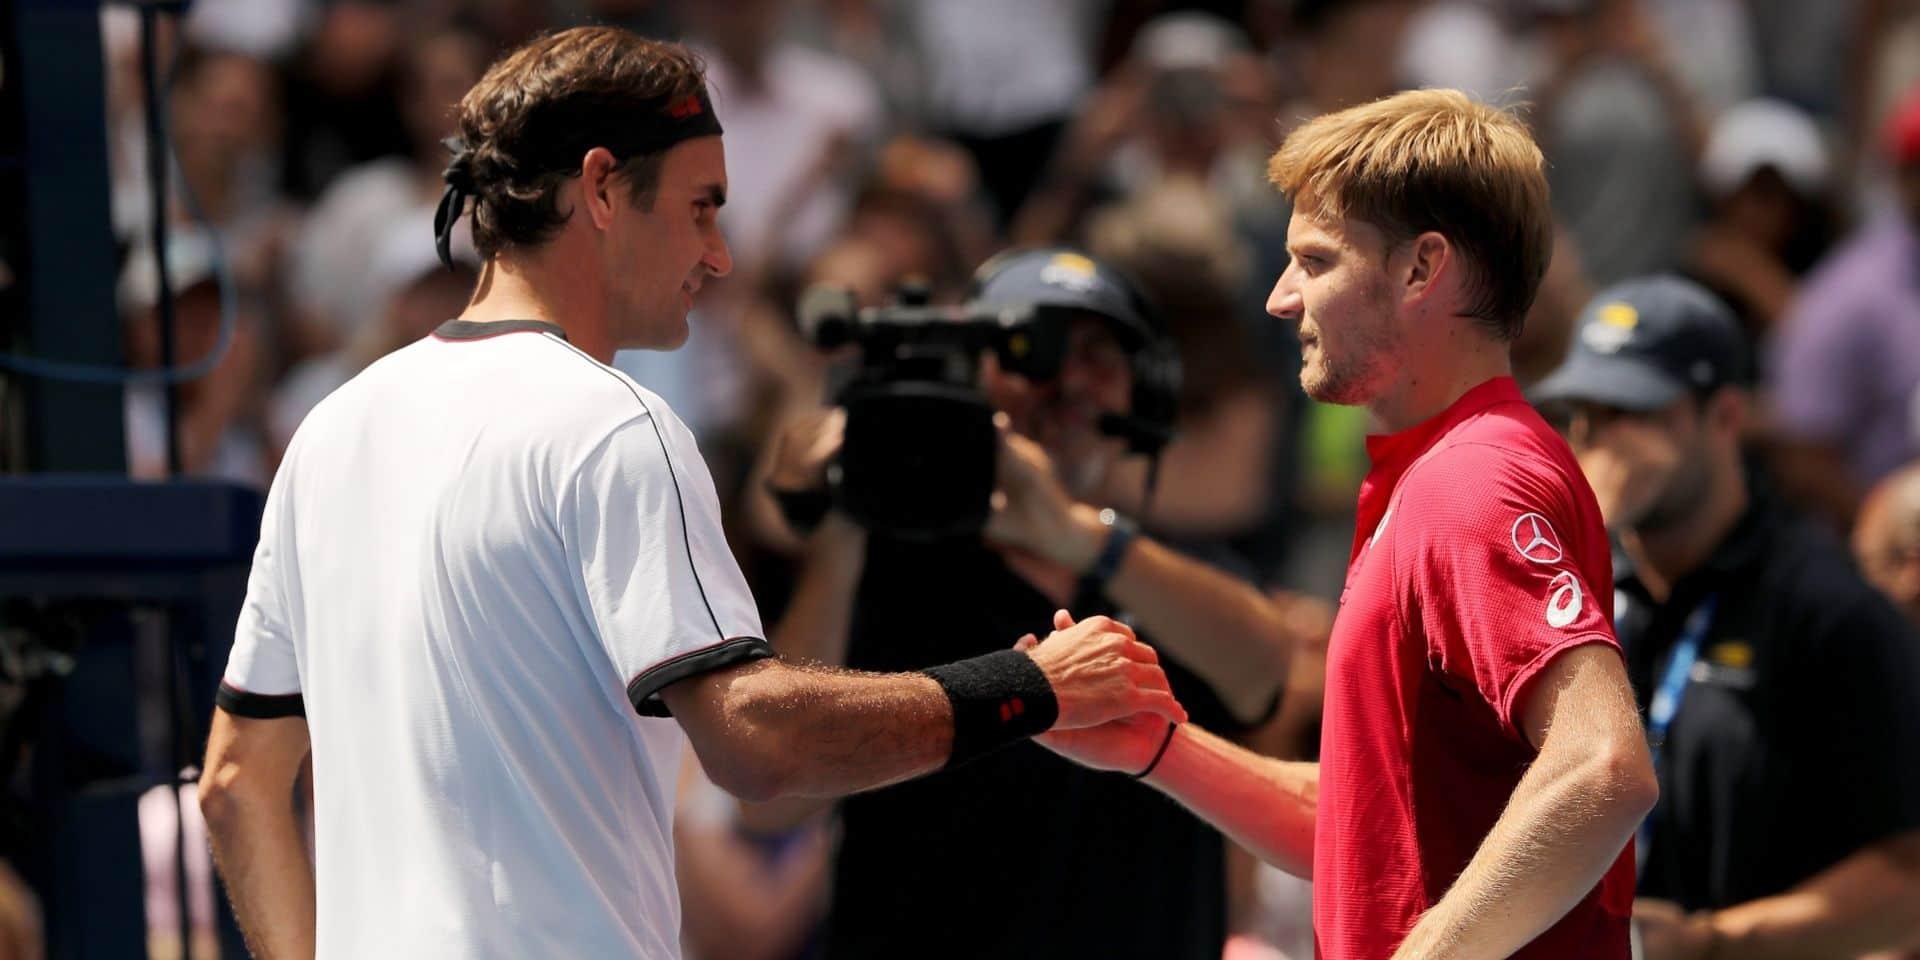 Goffin-Federer à Shanghai: quelles sont les clés de l'exploit?